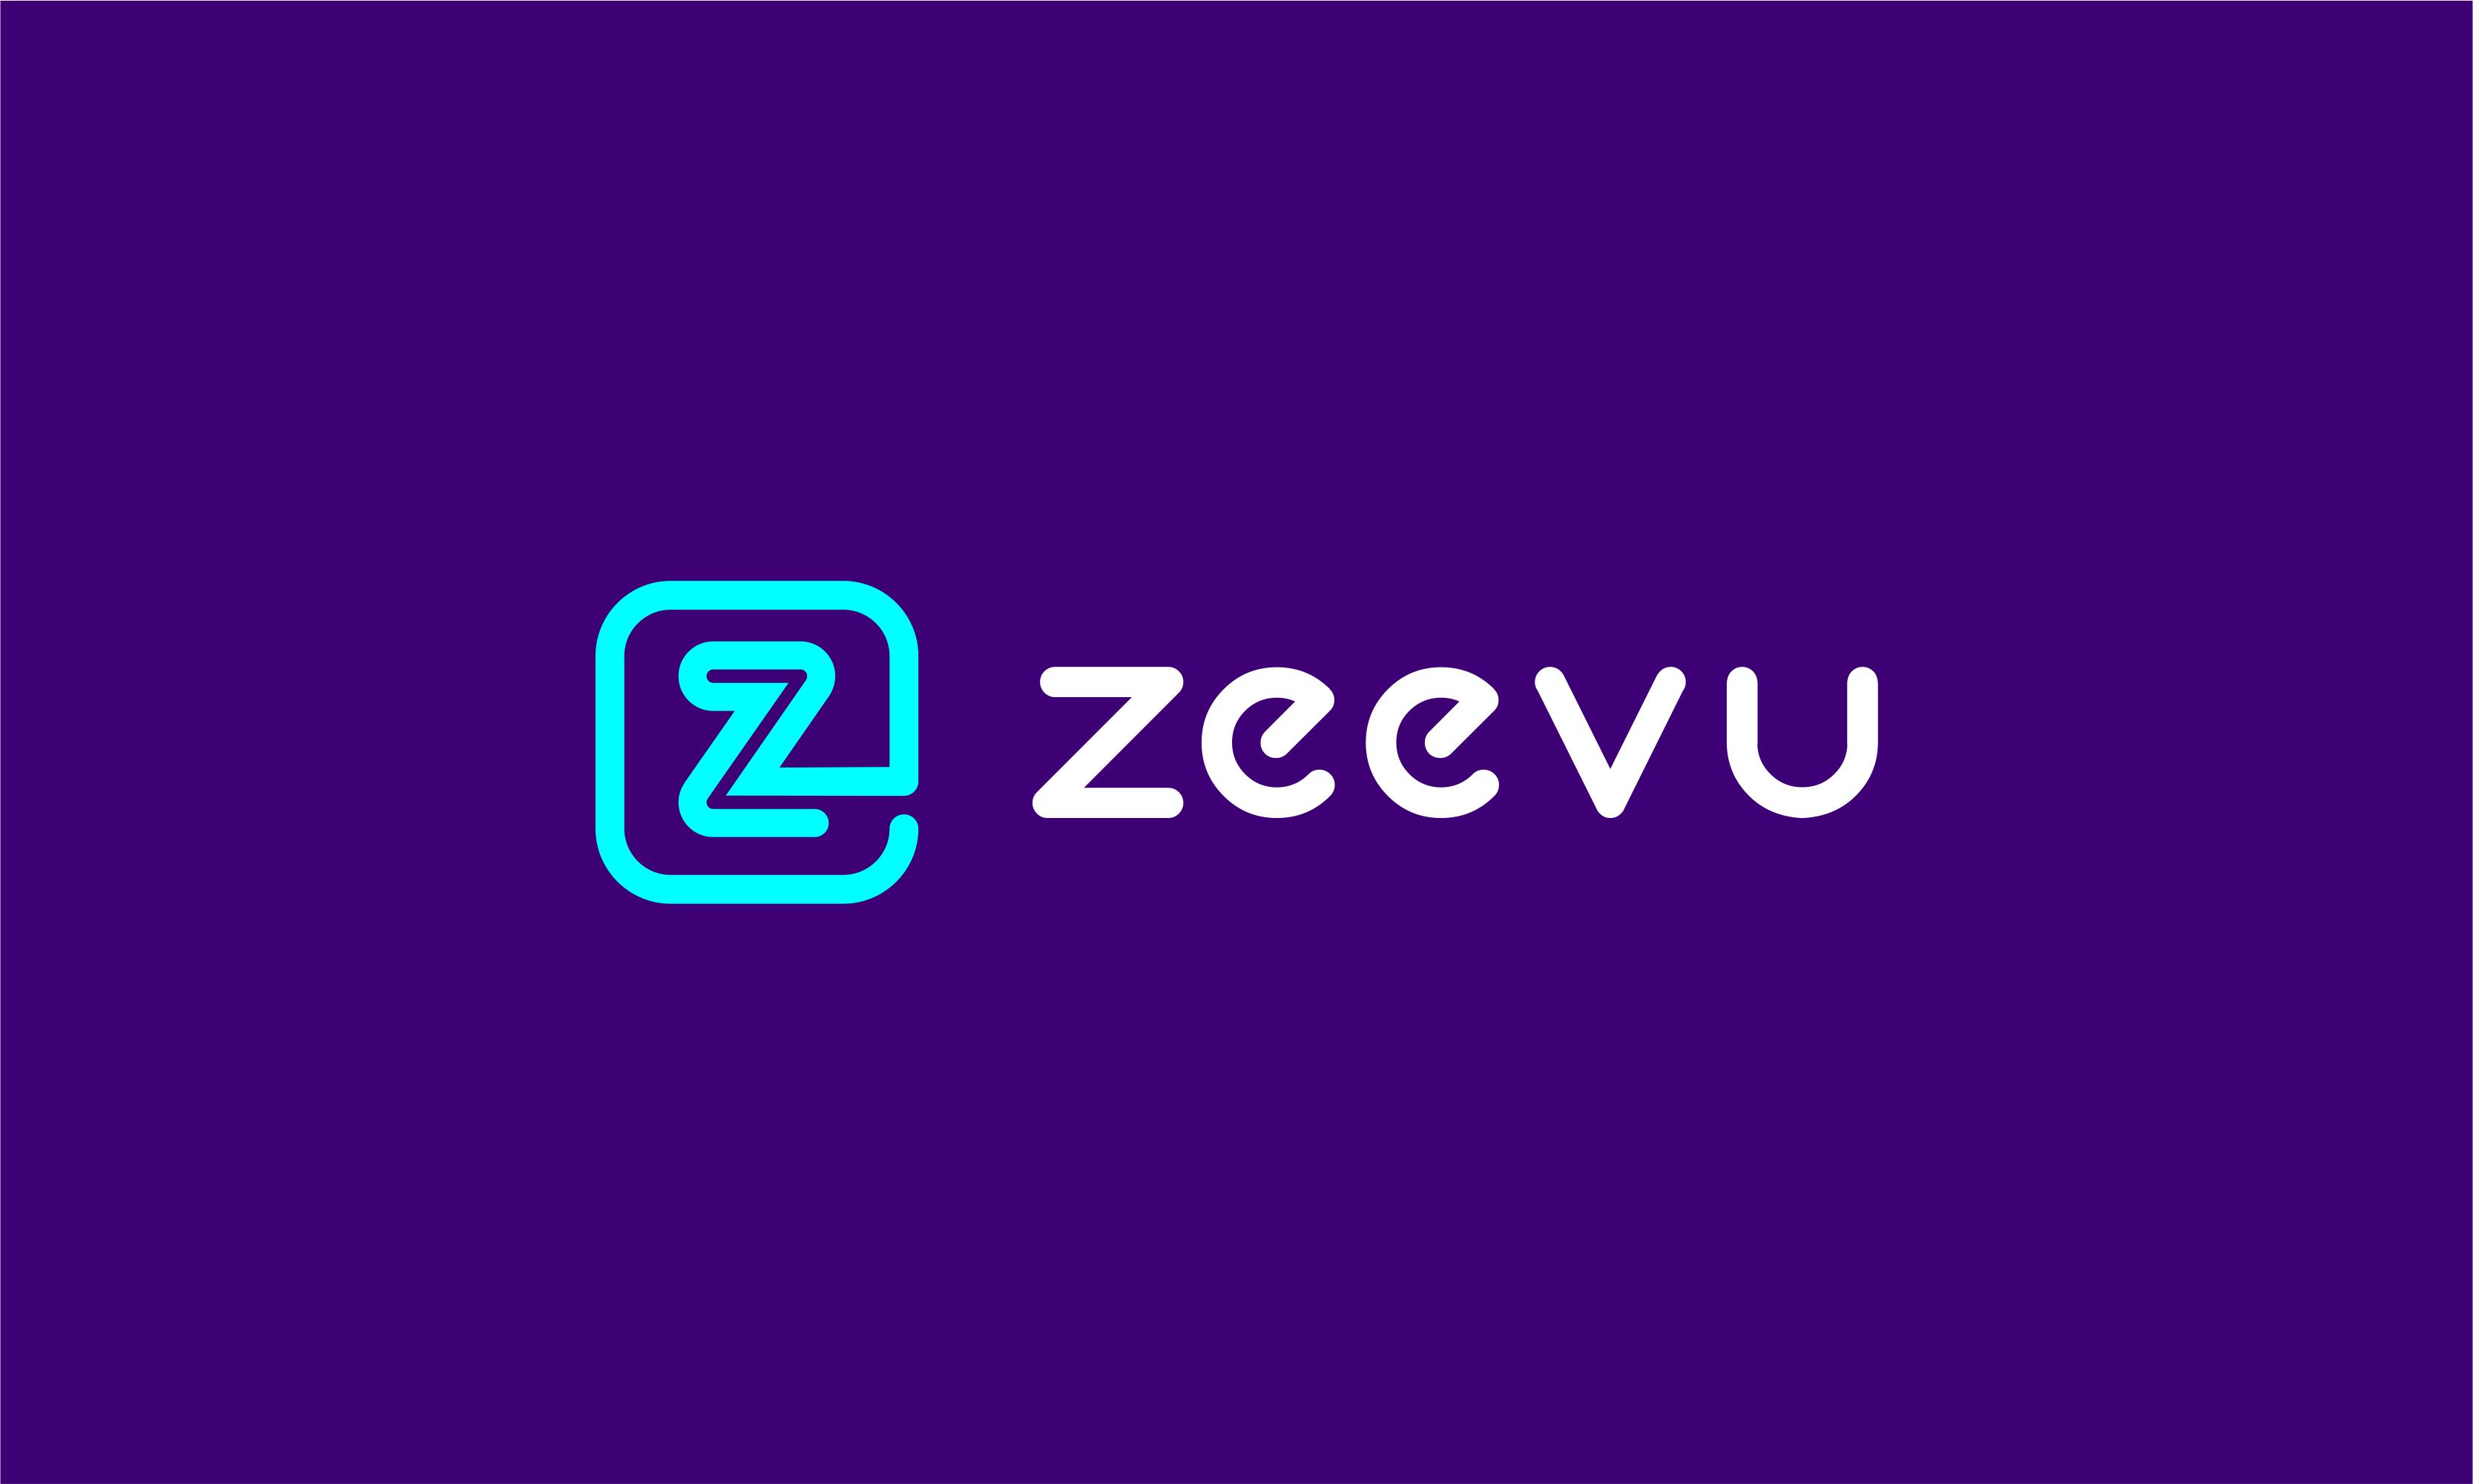 Zeevu